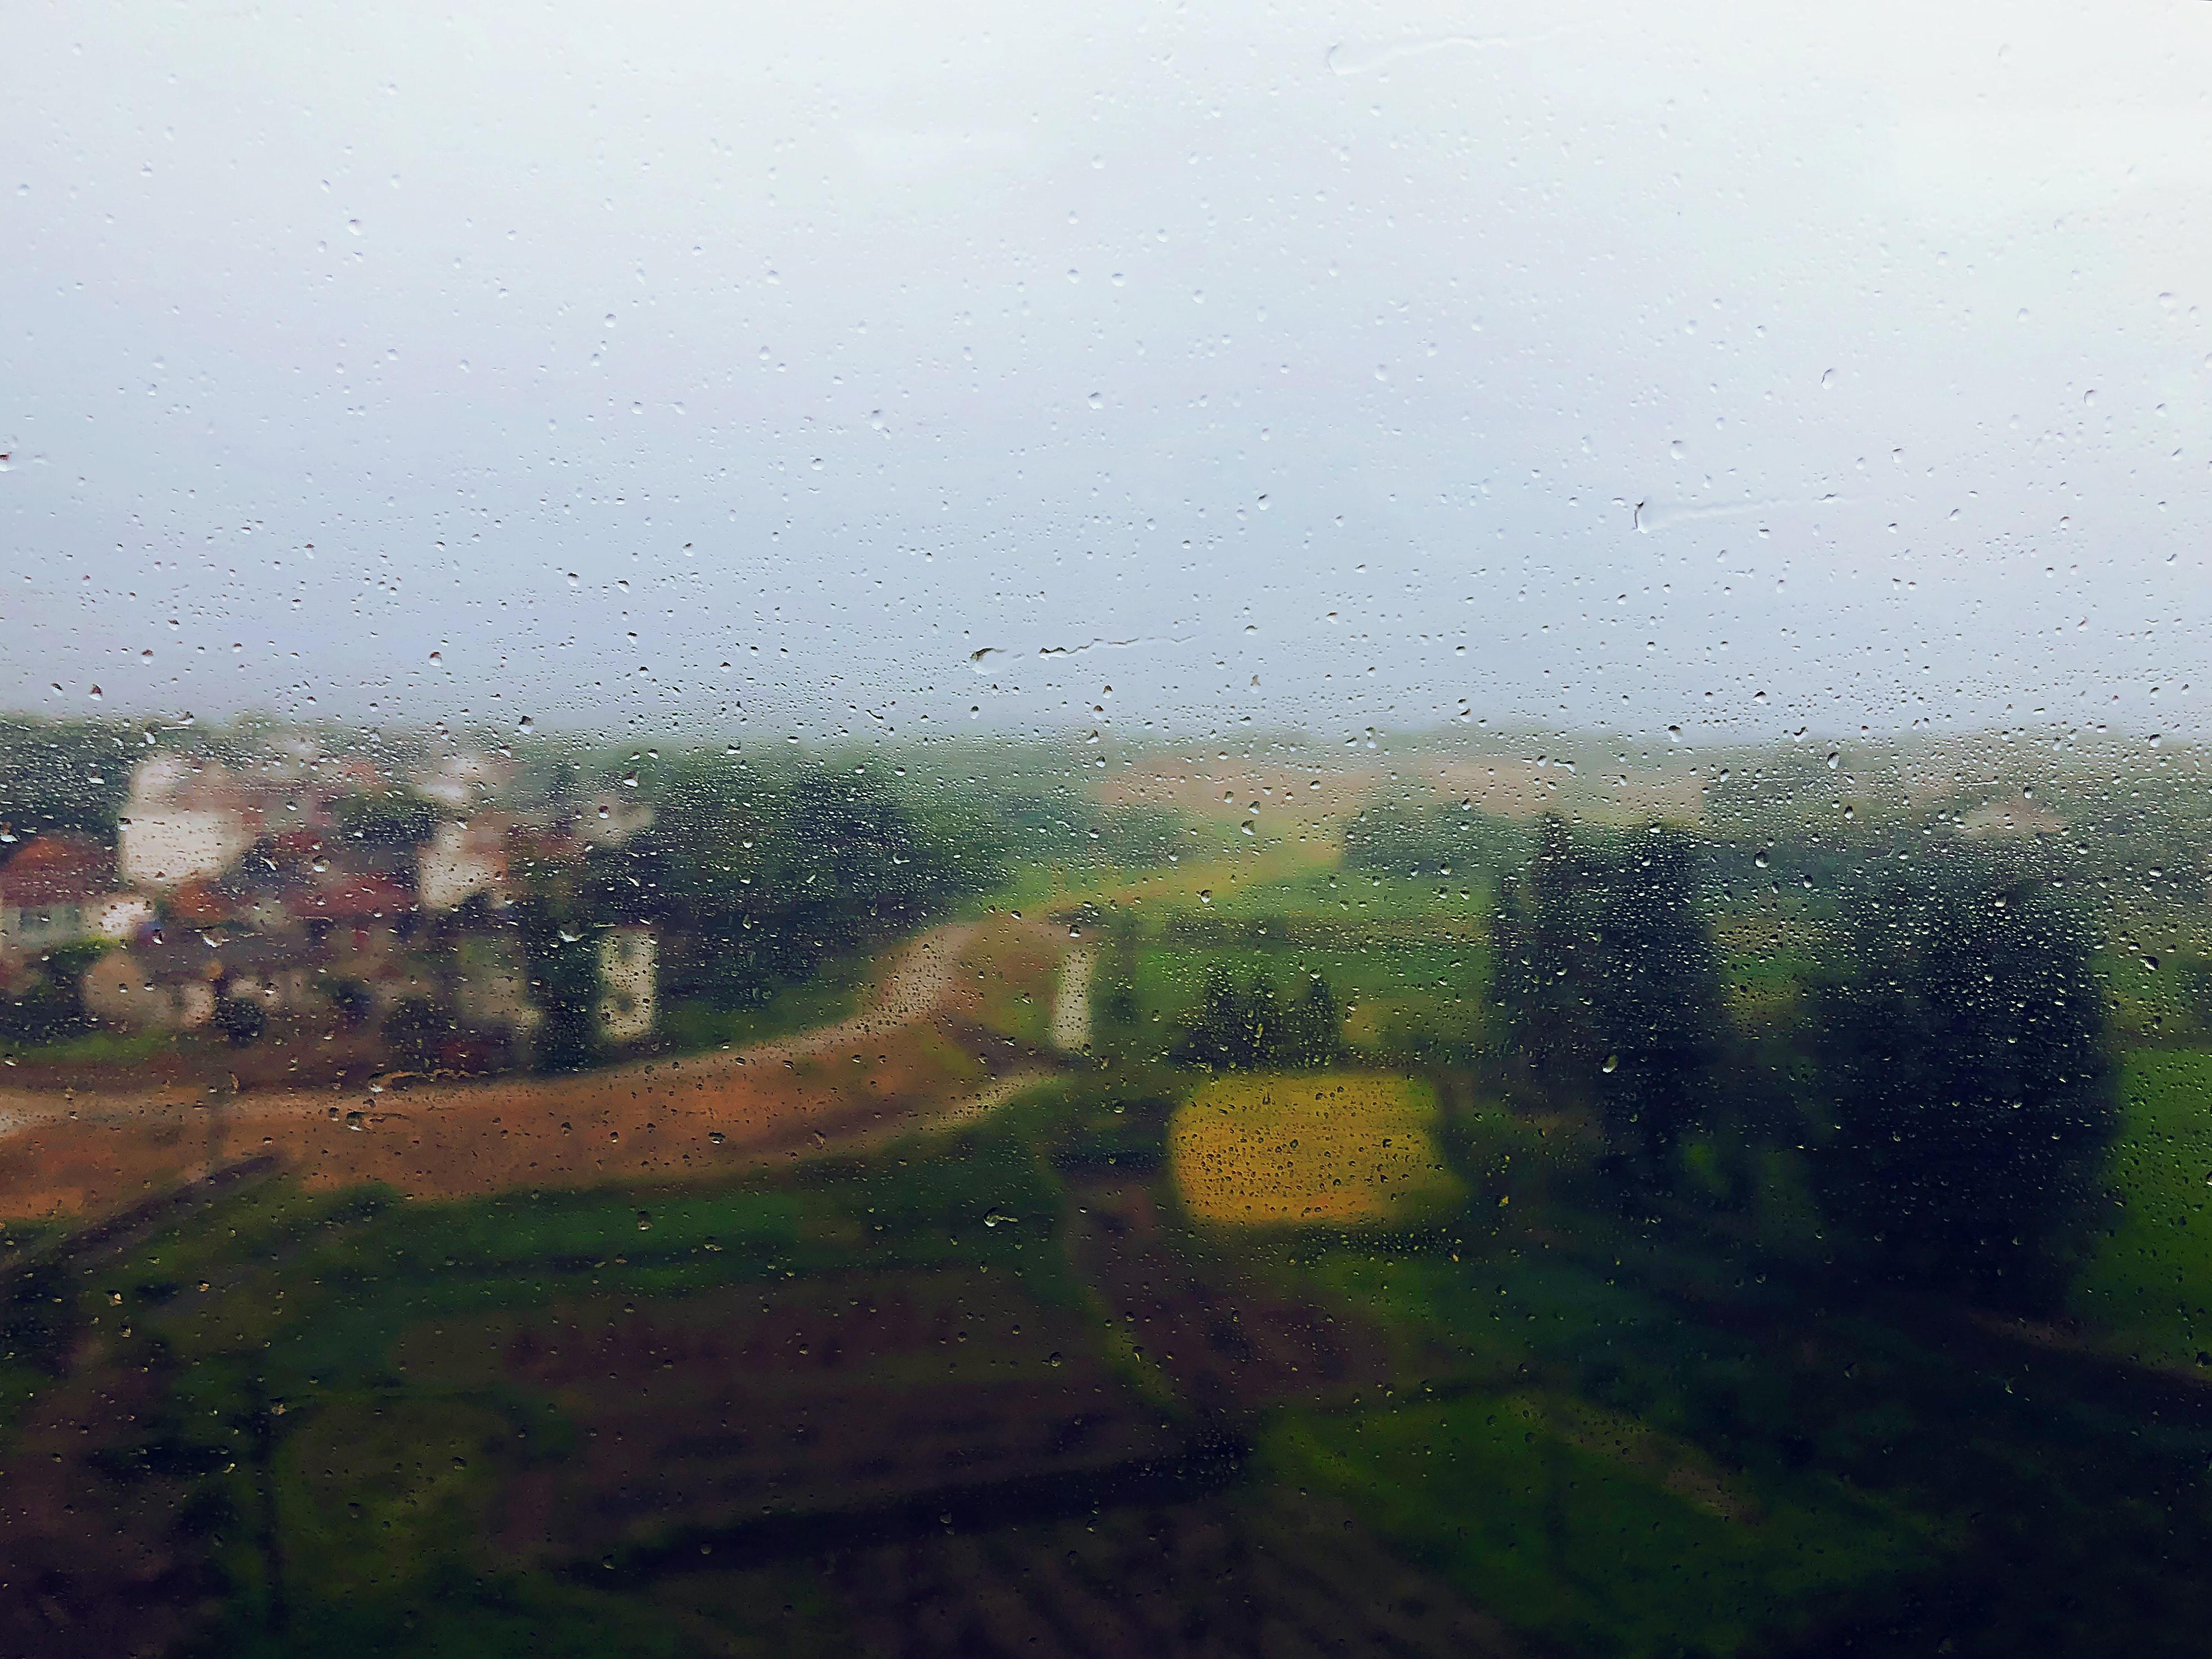 גשמים כאלה מזיקים לחקלאות?